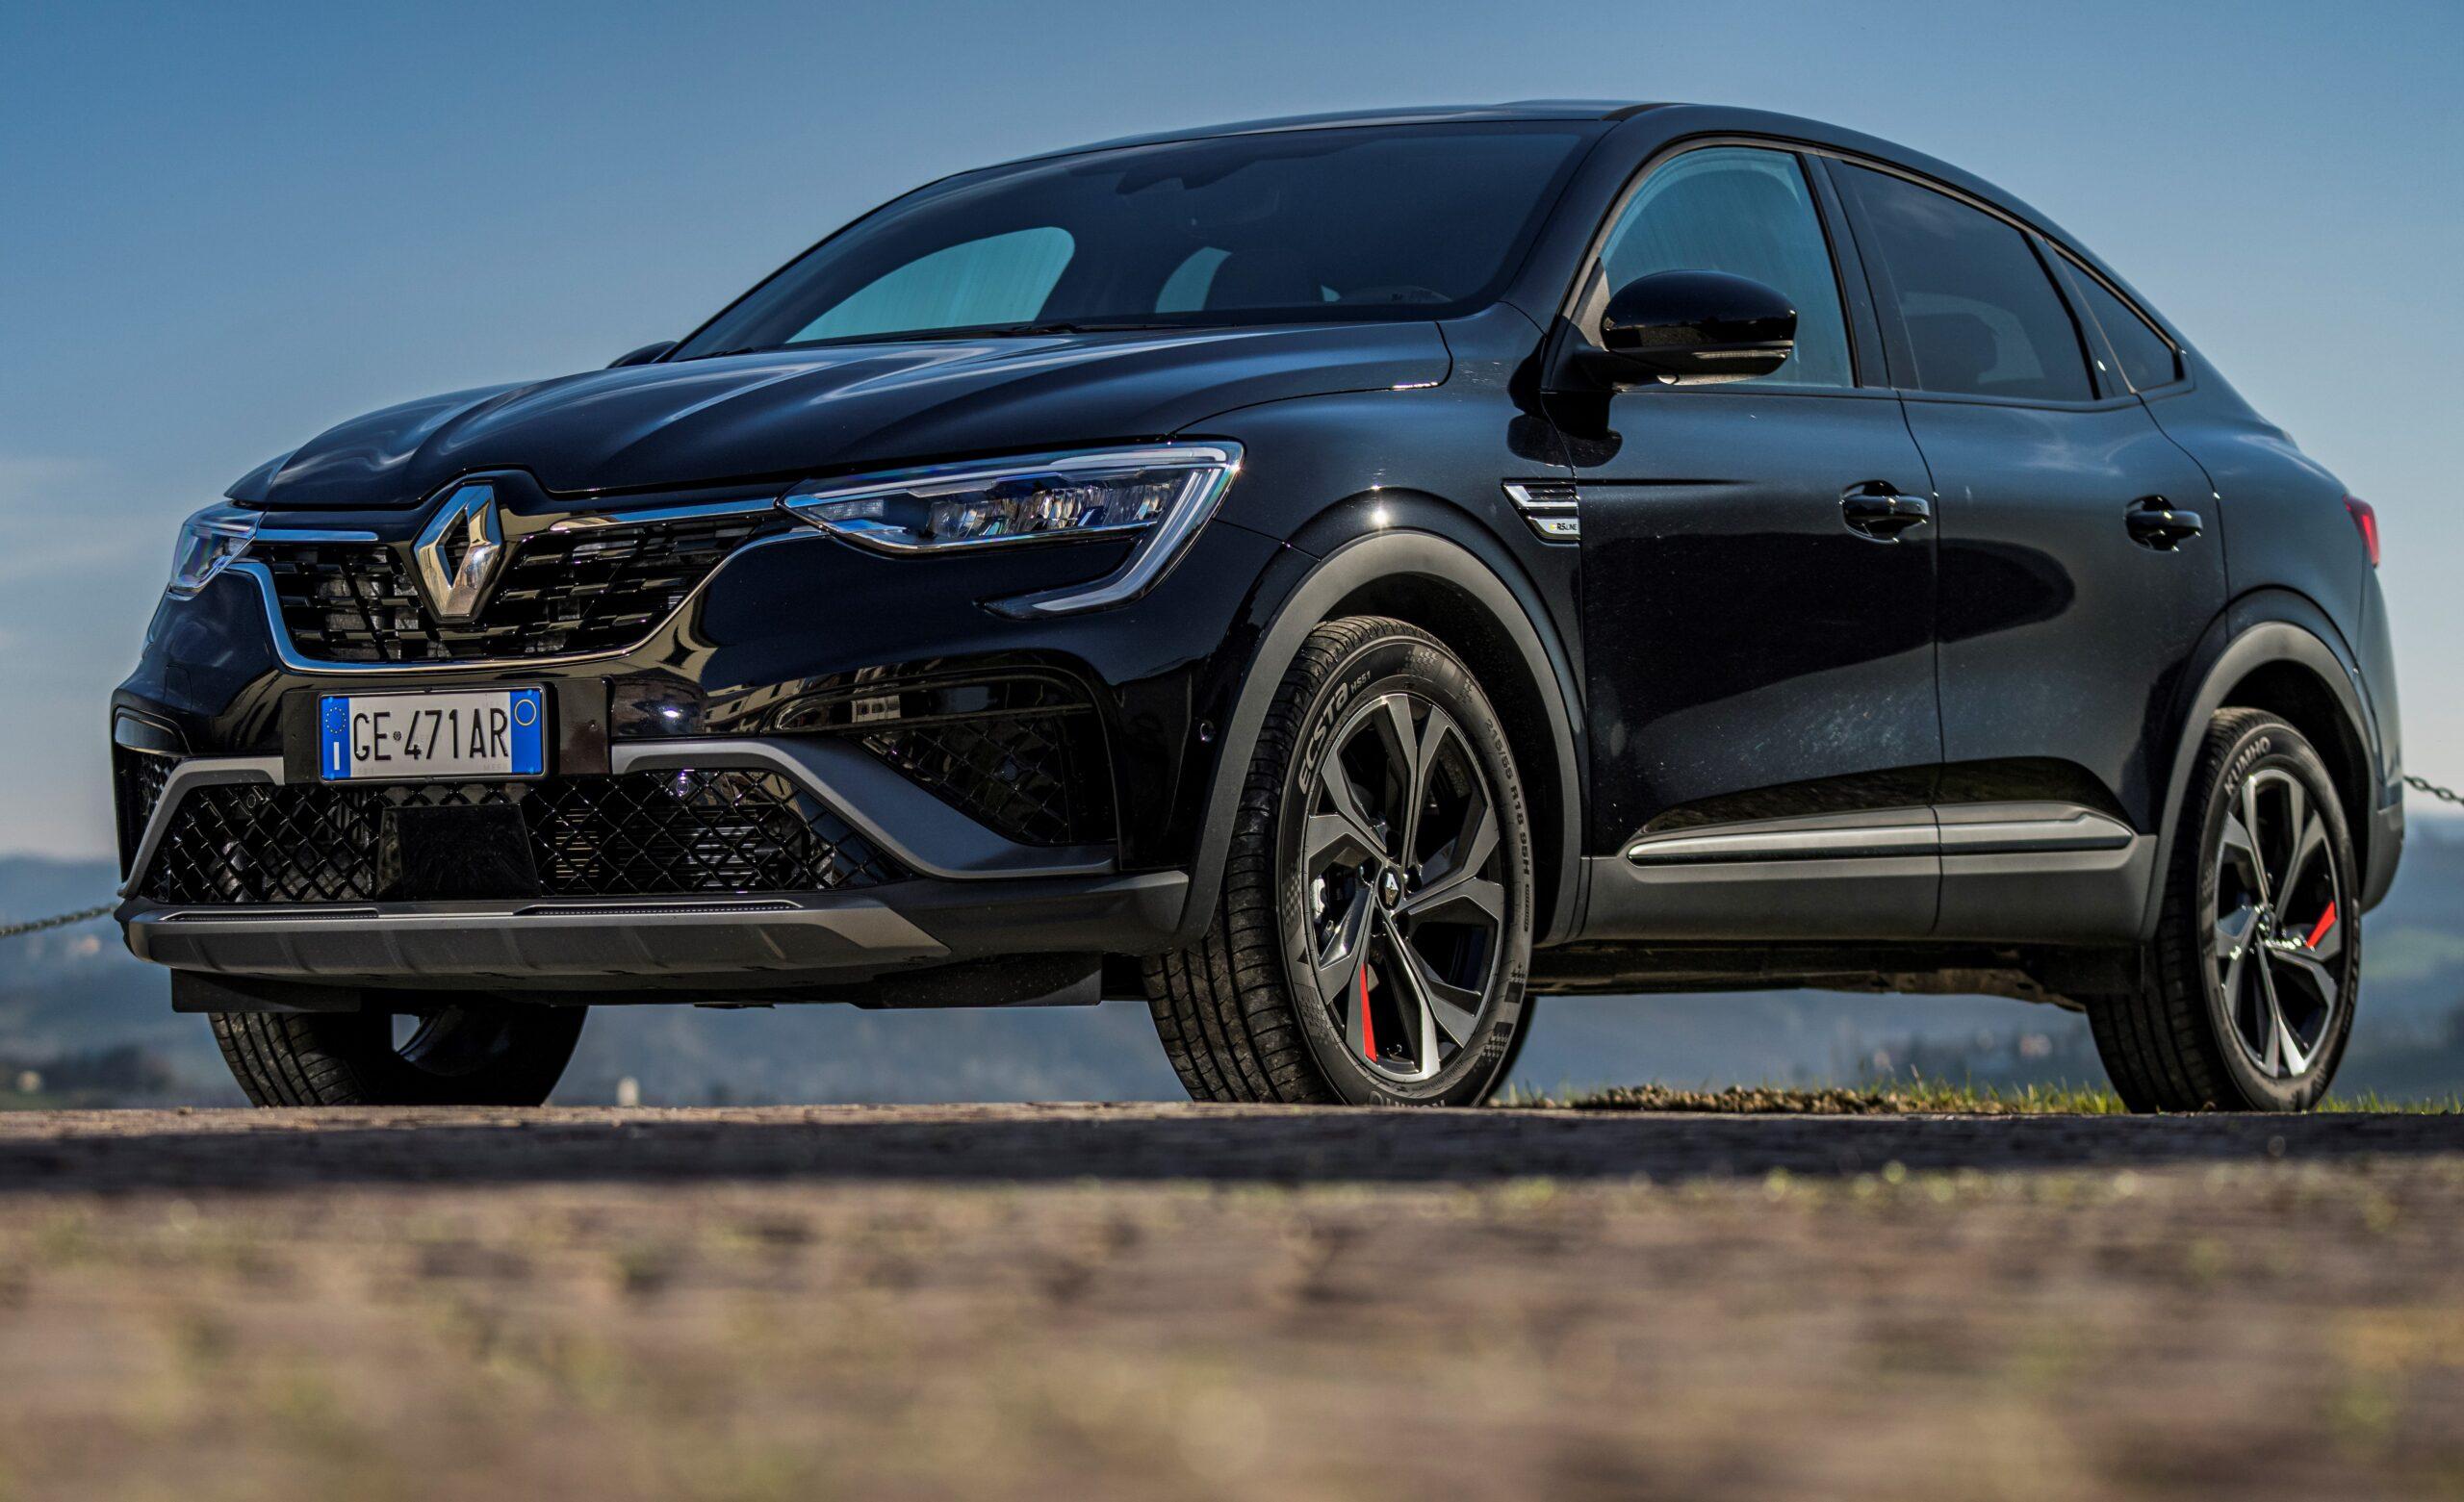 Renault limitata a 180 Km/h, lo conferma il CEO Luca de Meo.